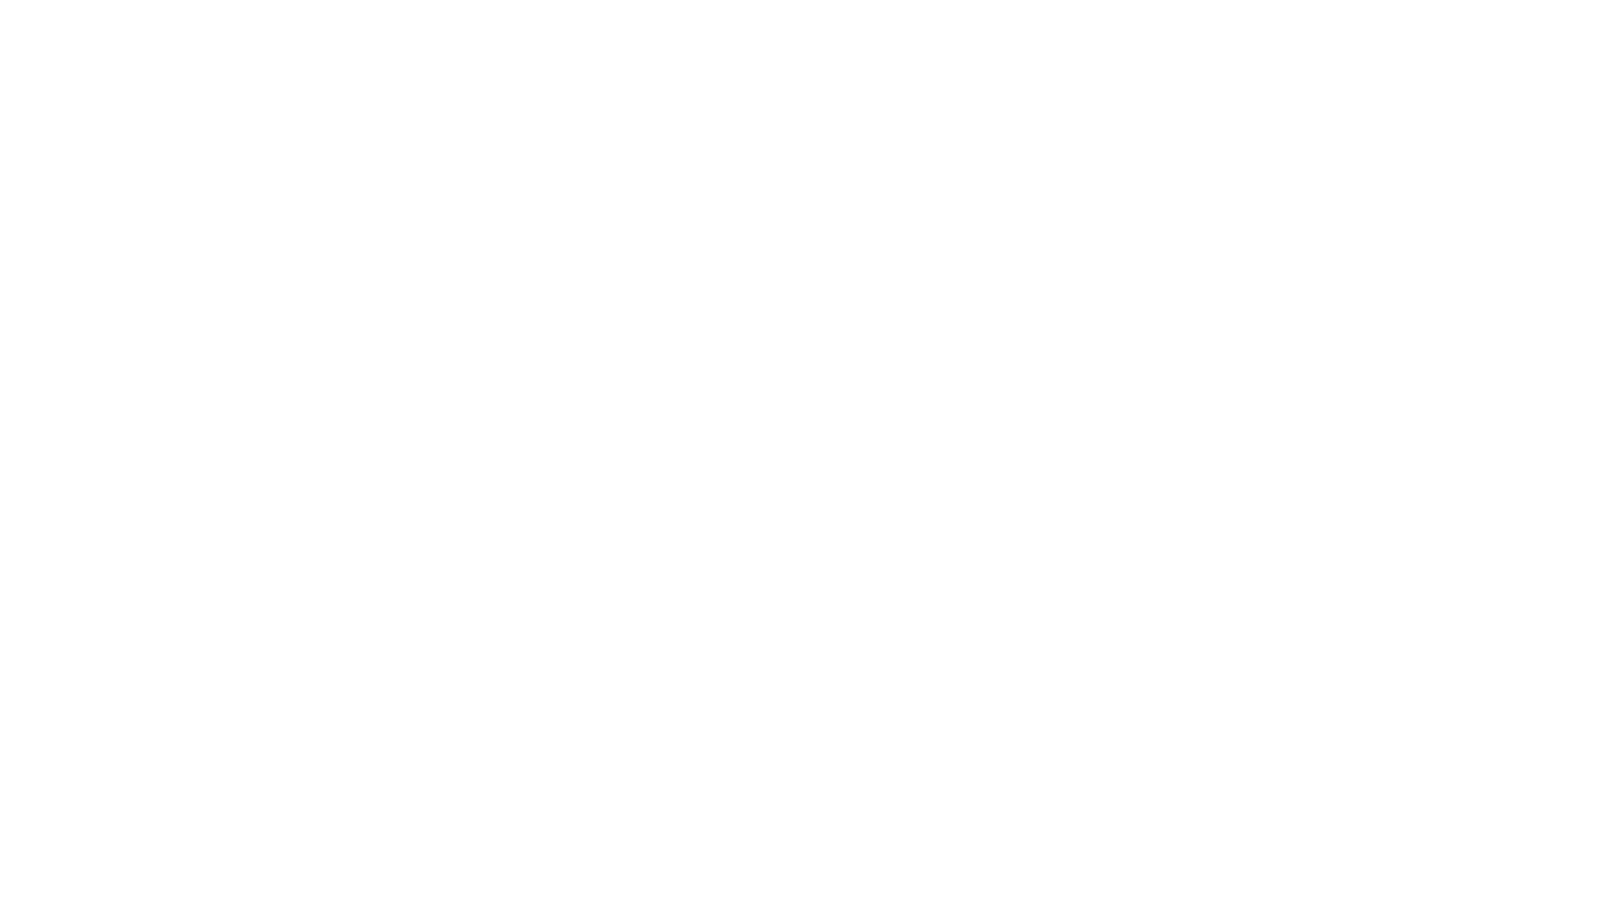 Kindervoeding advies in de coronatijd.   Een leerzame webinar over kindervoeding.   Door Ingrid Viergever Stieber, oprichter & directeur Lekker Pûh!!! & Hip & Healthy.   Met dank aan:  Volkskracht Van Leeuwen Van Lignac Stichting